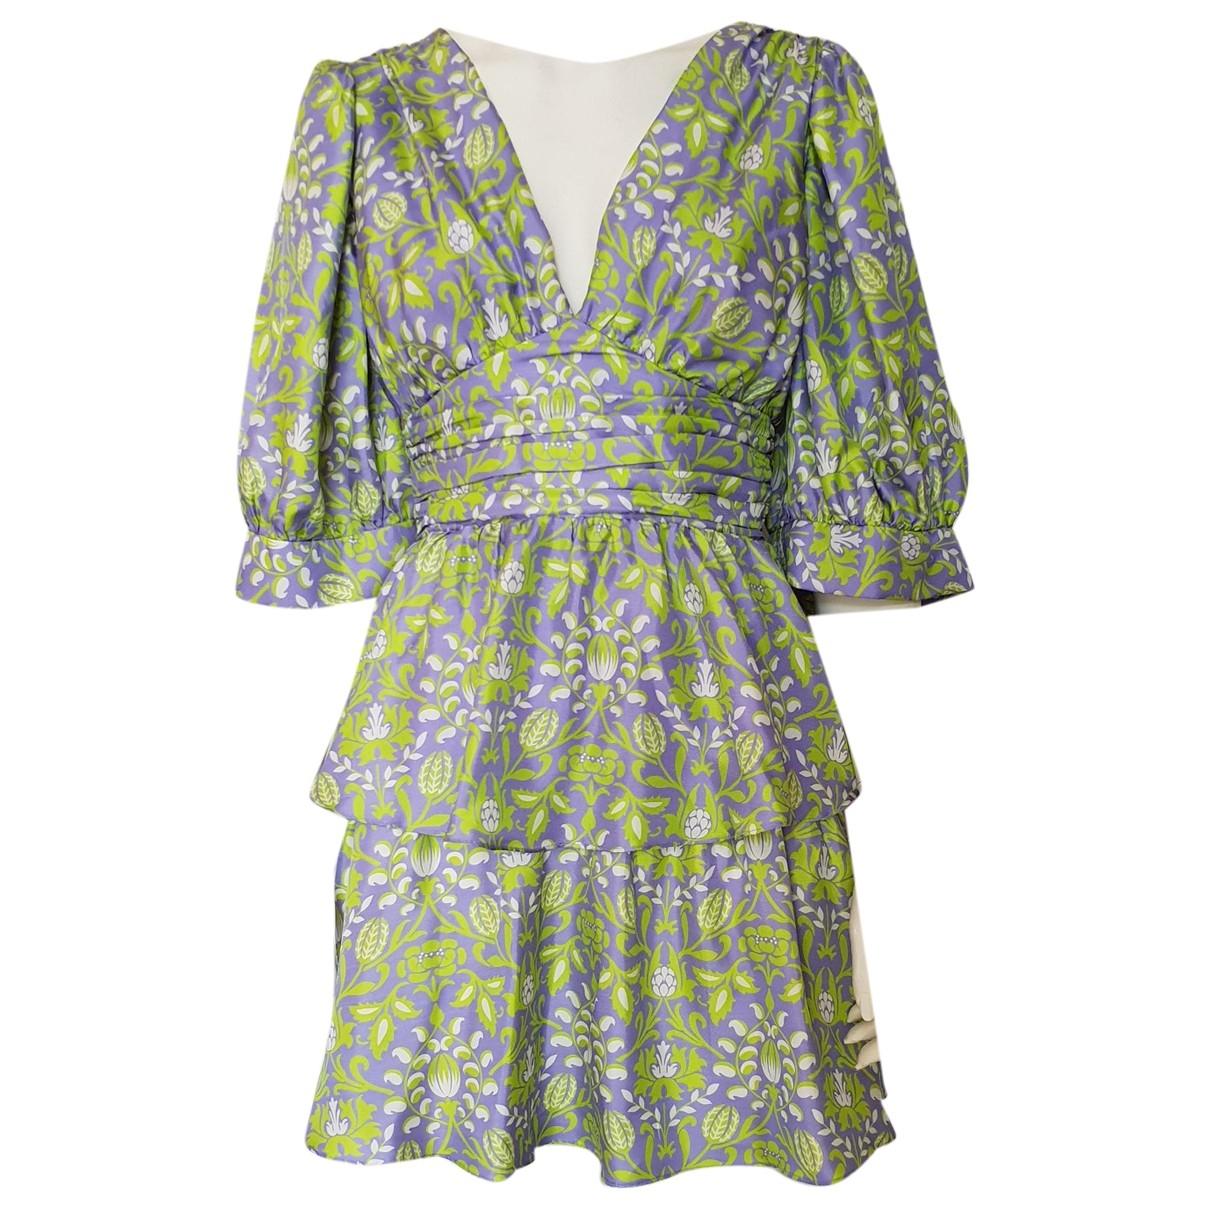 Cynthia Rowley \N Green Silk dress for Women S International